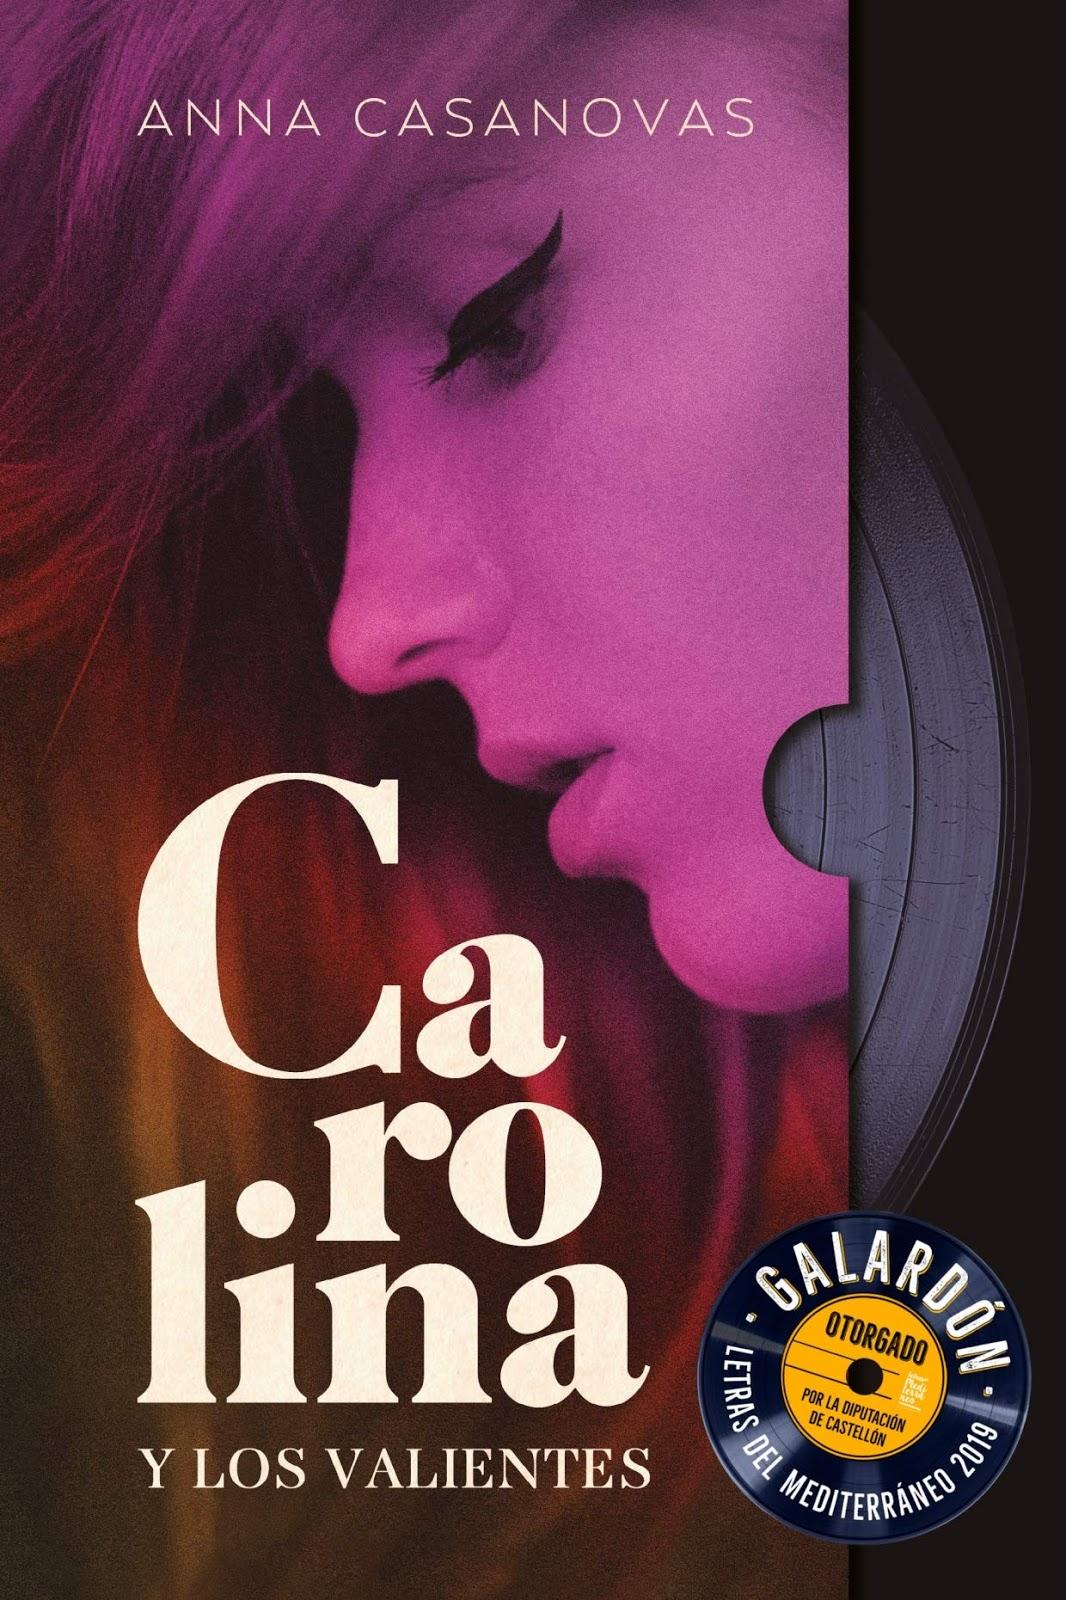 Carolina y los valientes de Anna Casanovas